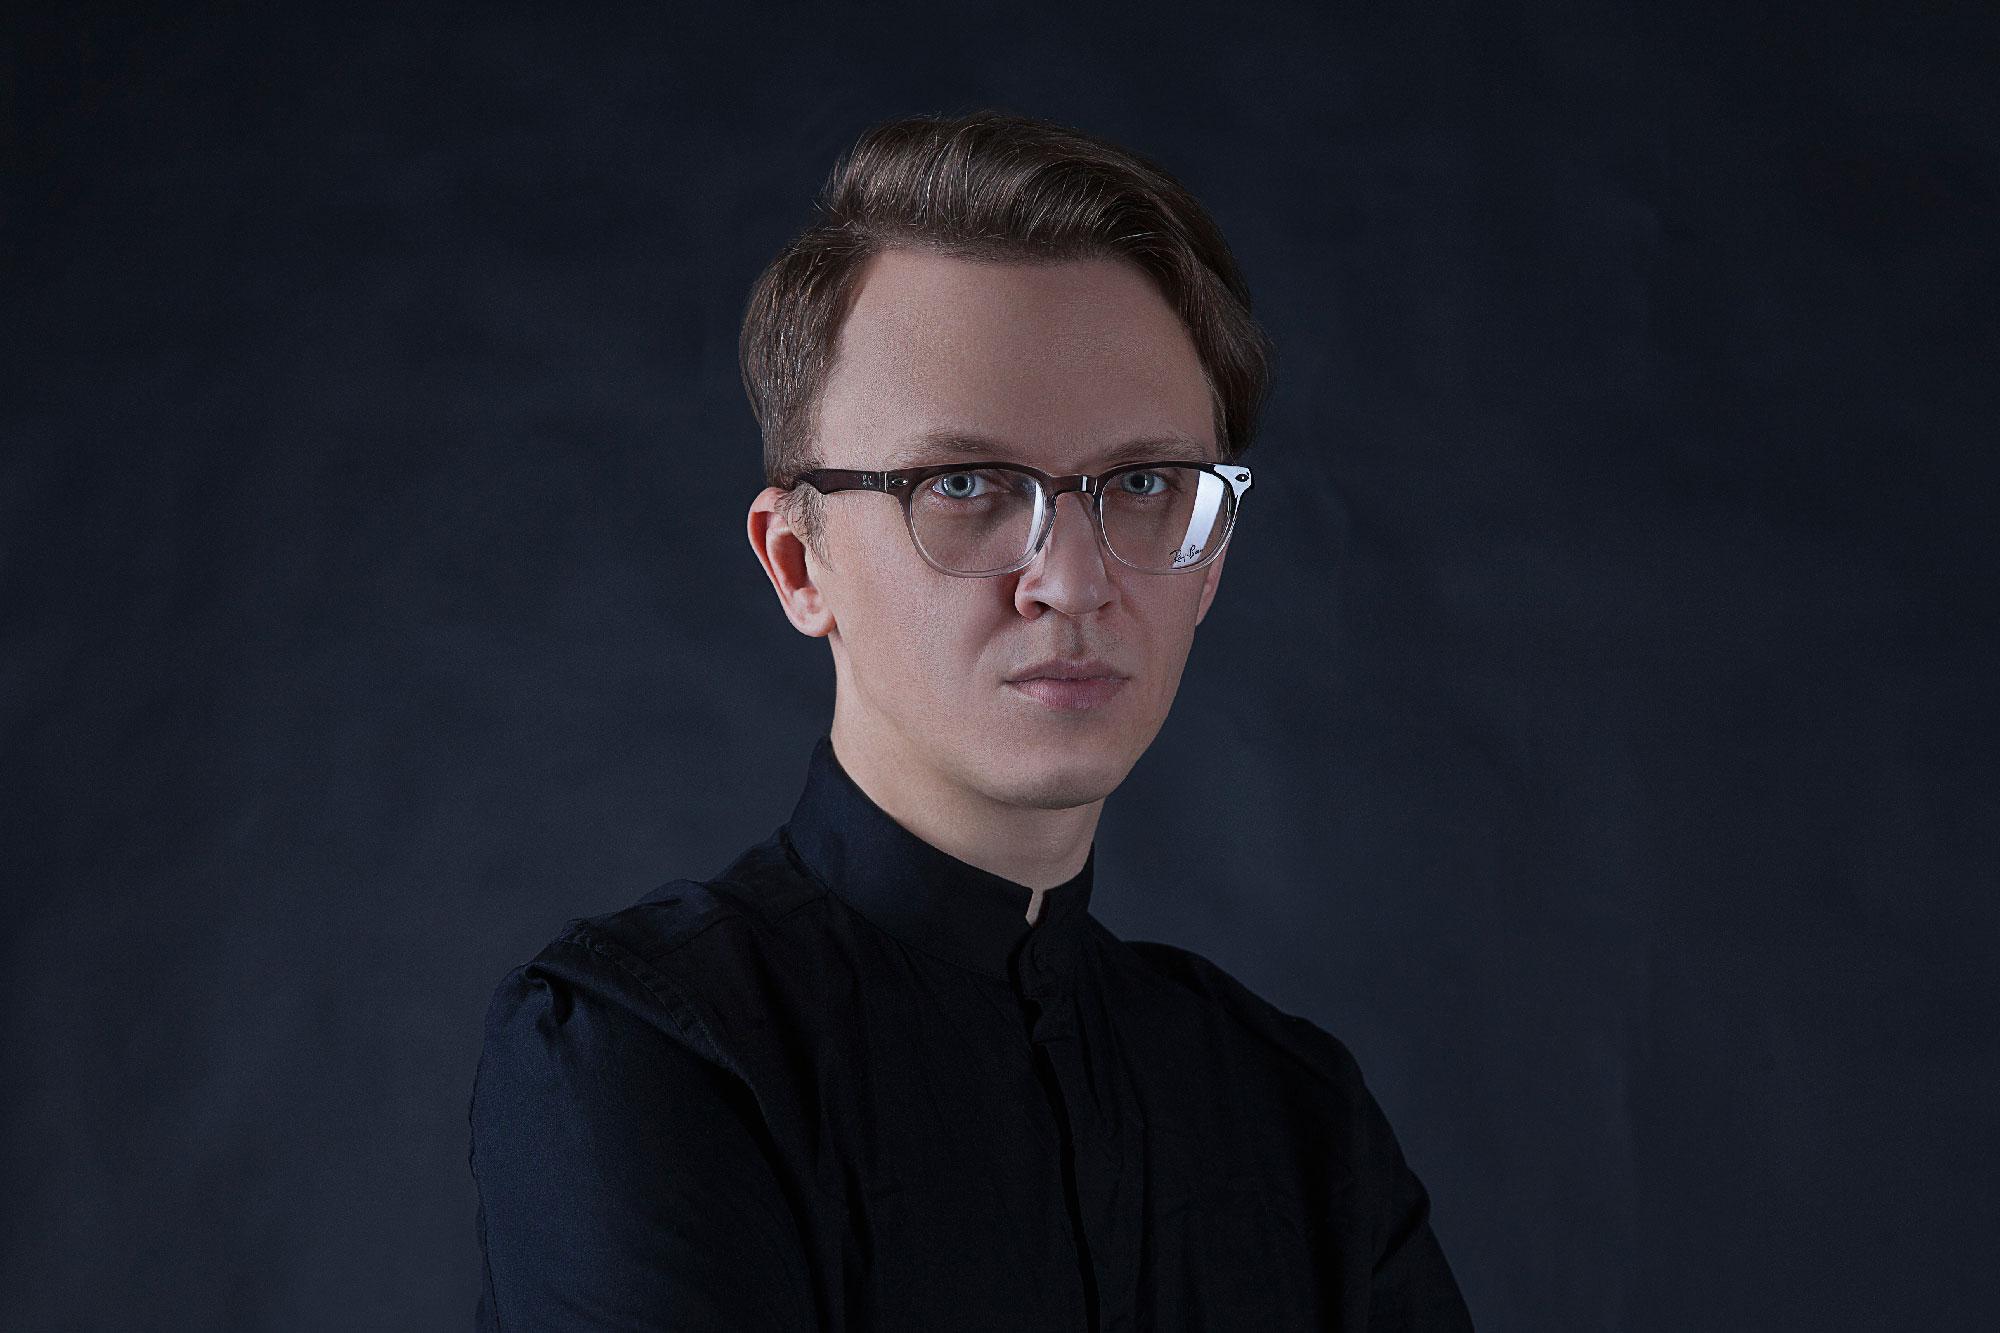 s.gurov_v1-1